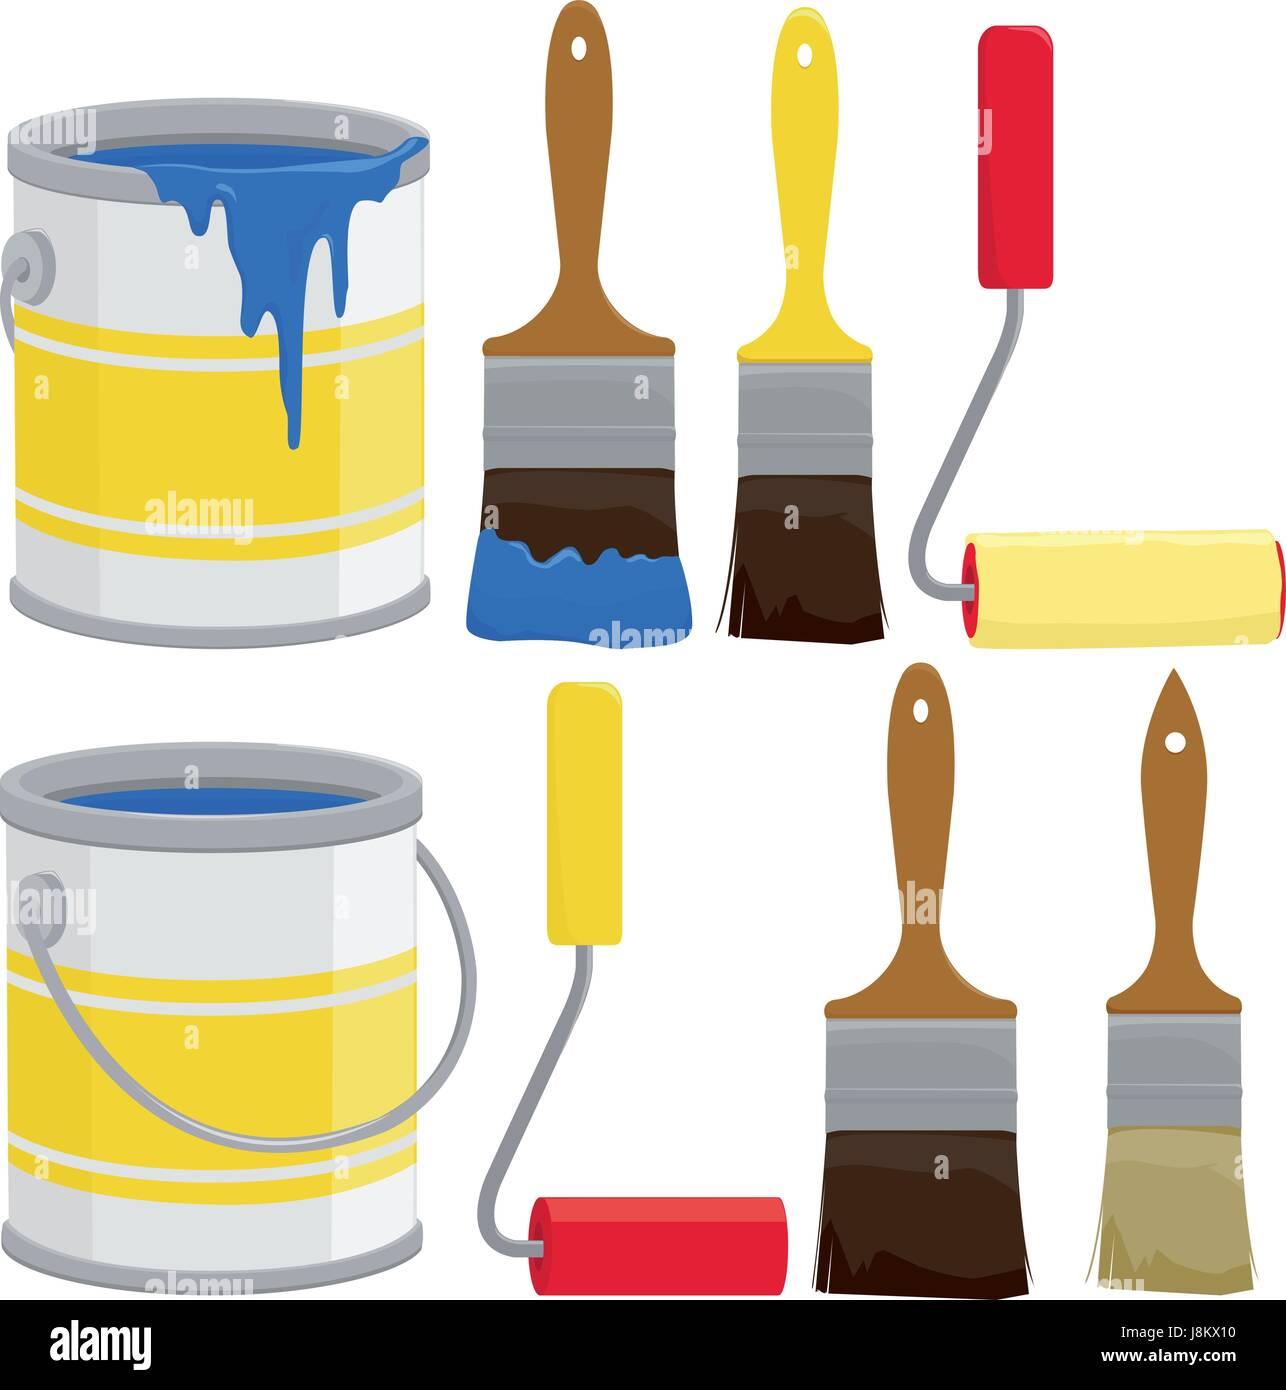 les pots de peinture pinceaux et rouleaux vecteurs et illustration image vectorielle. Black Bedroom Furniture Sets. Home Design Ideas